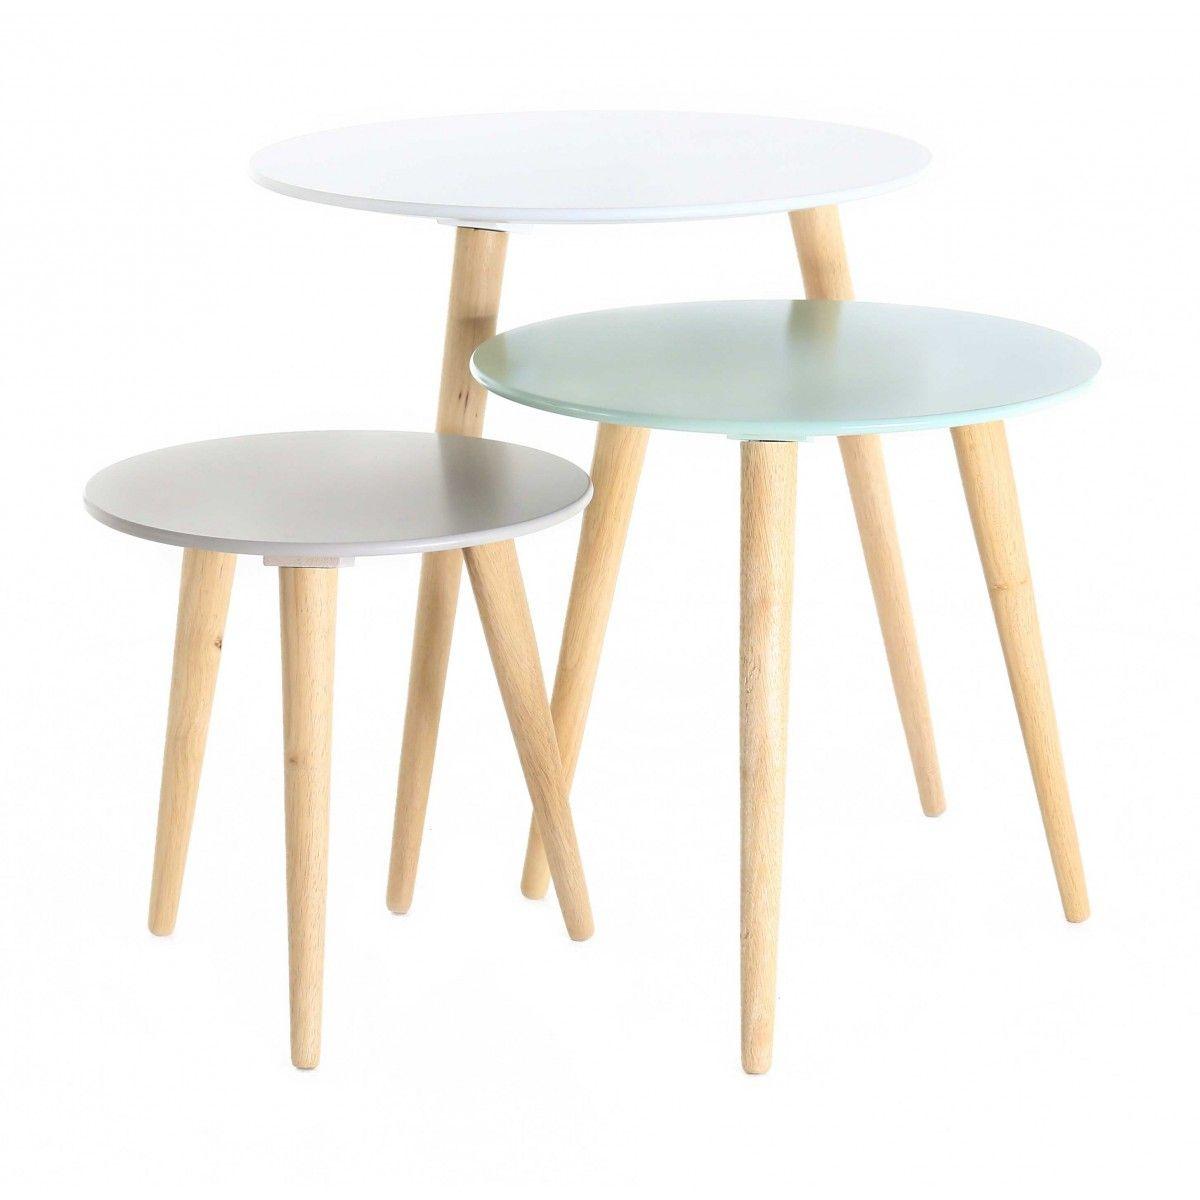 3x Table Gigogne Ronde En Bois Blanche Bleue Et Grise Stockholm